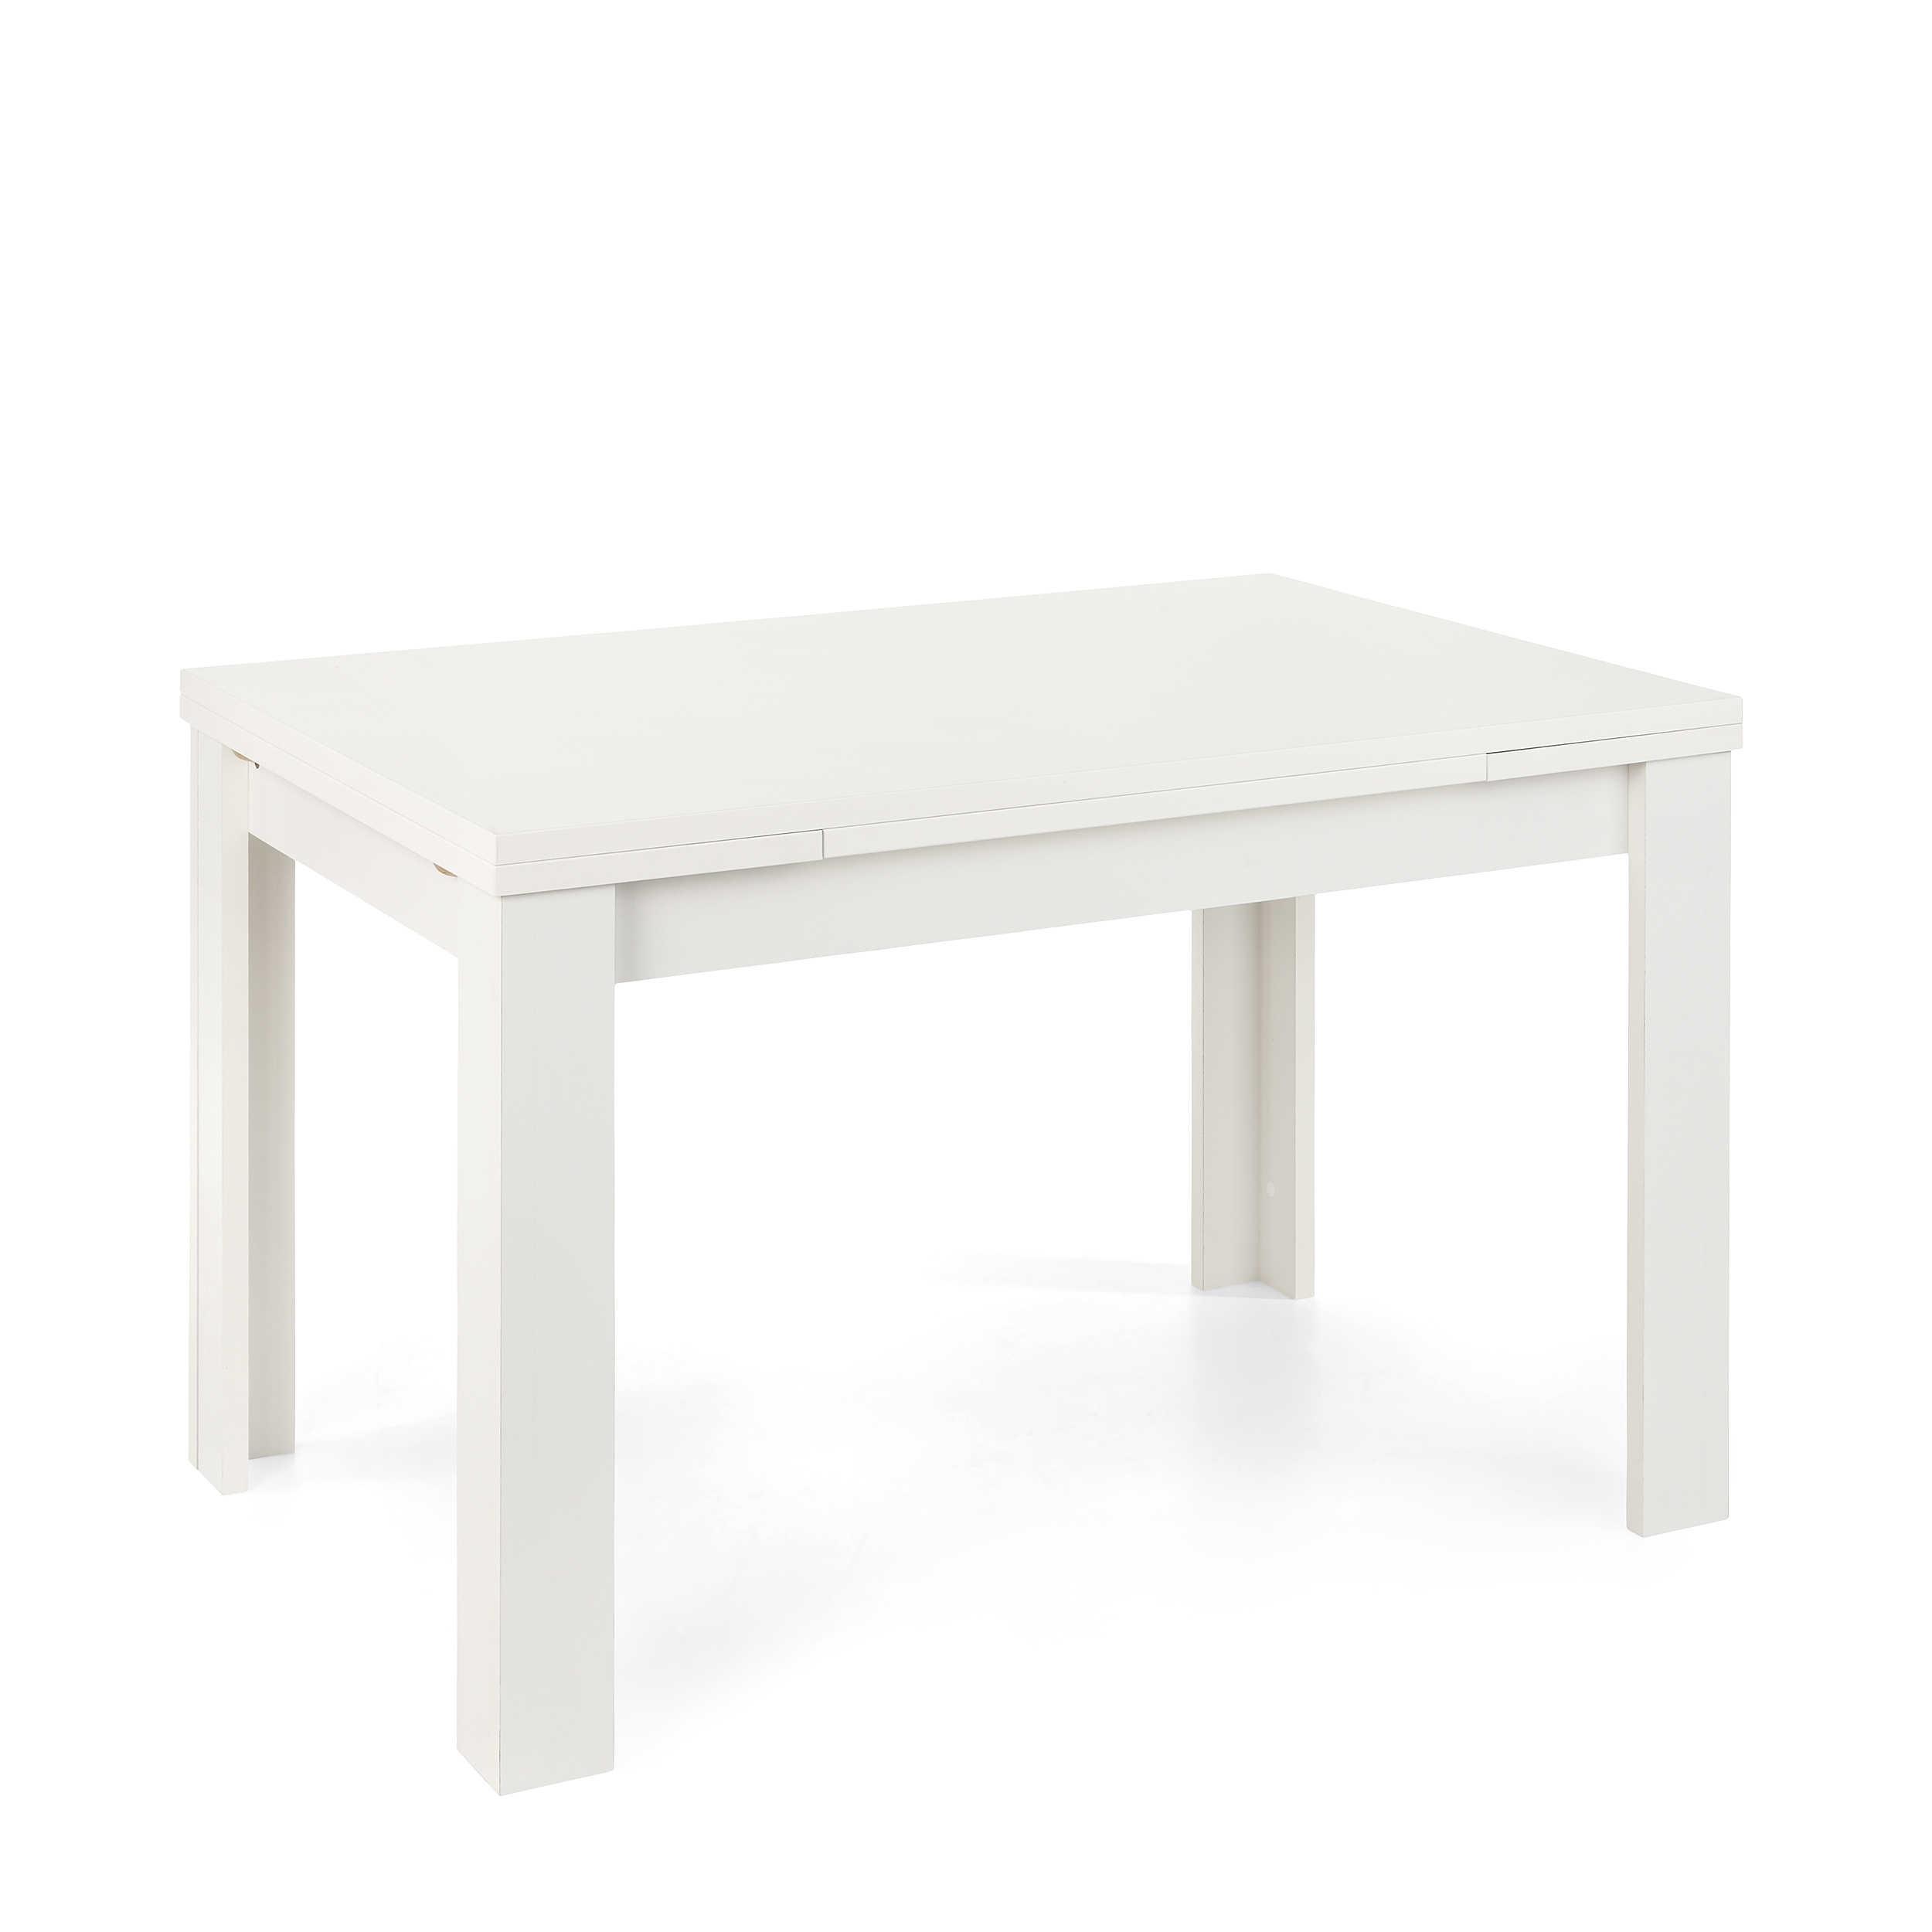 m usbacher esstisch mit auszug roma 120 176 x 80 cm wei kunststoff 120 cm online kaufen bei woonio. Black Bedroom Furniture Sets. Home Design Ideas